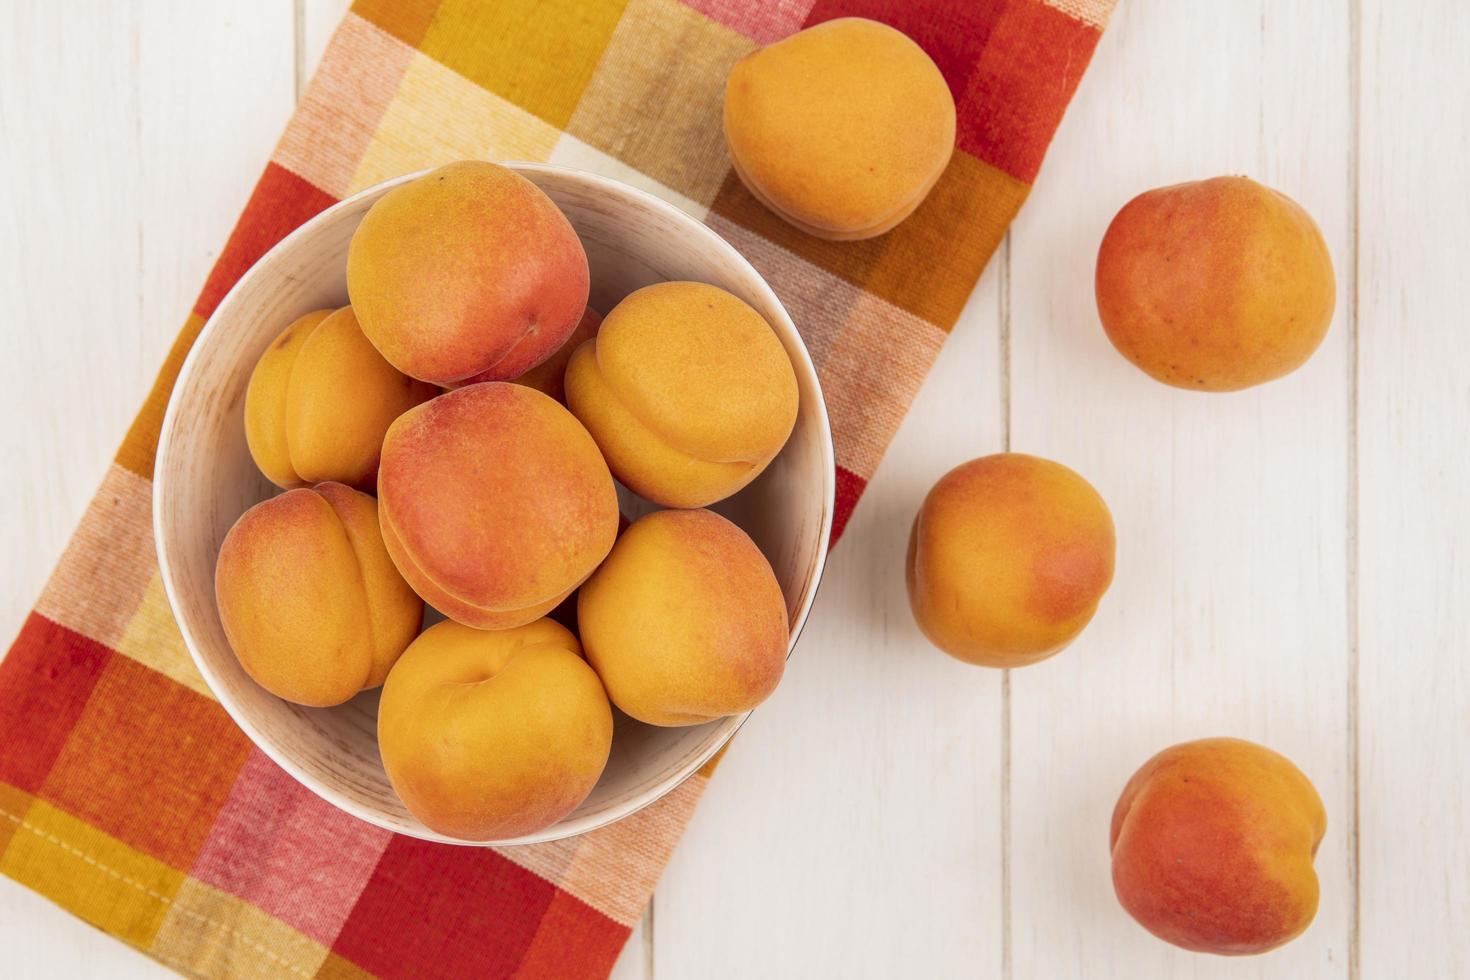 abrikozen op geruite doek op houten achtergrond foto